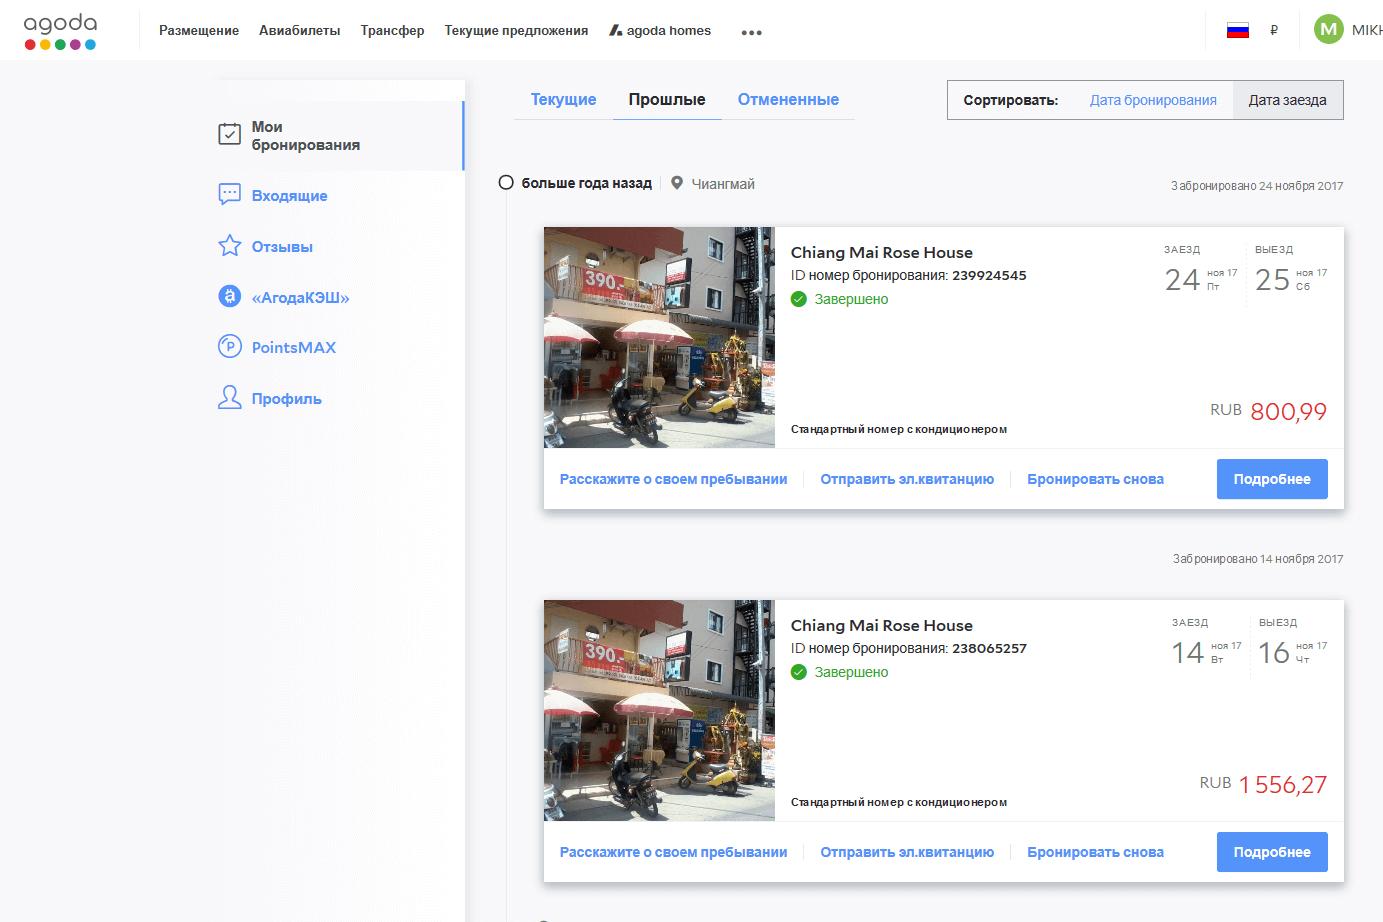 Бронирование отелей на Agoda.com